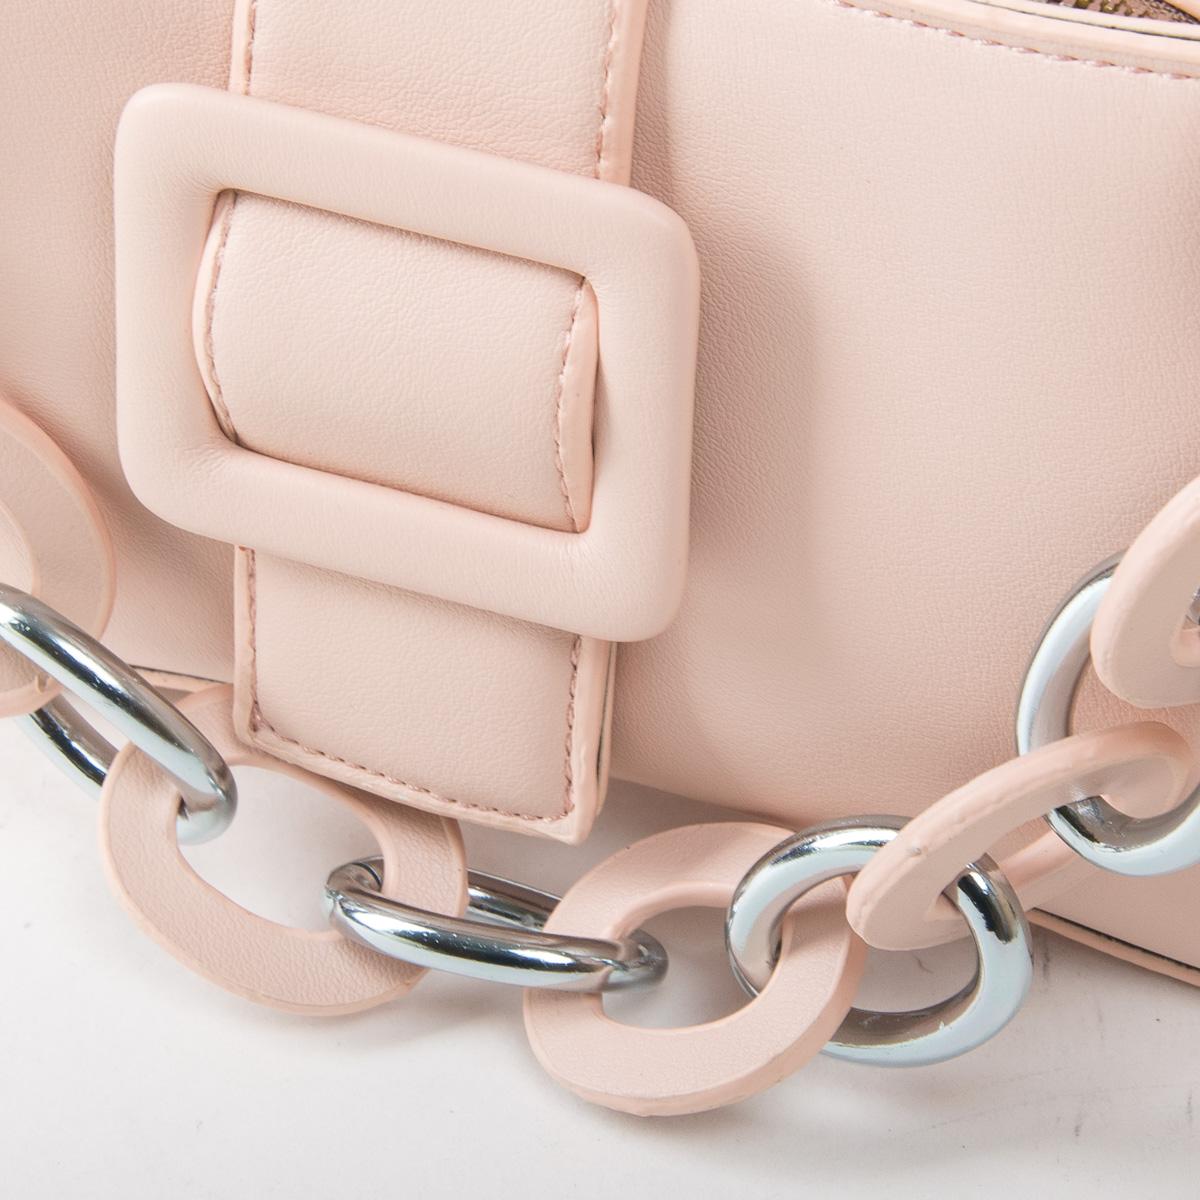 Сумка Женская Классическая иск-кожа FASHION 01-02 2851 pink - фото 3